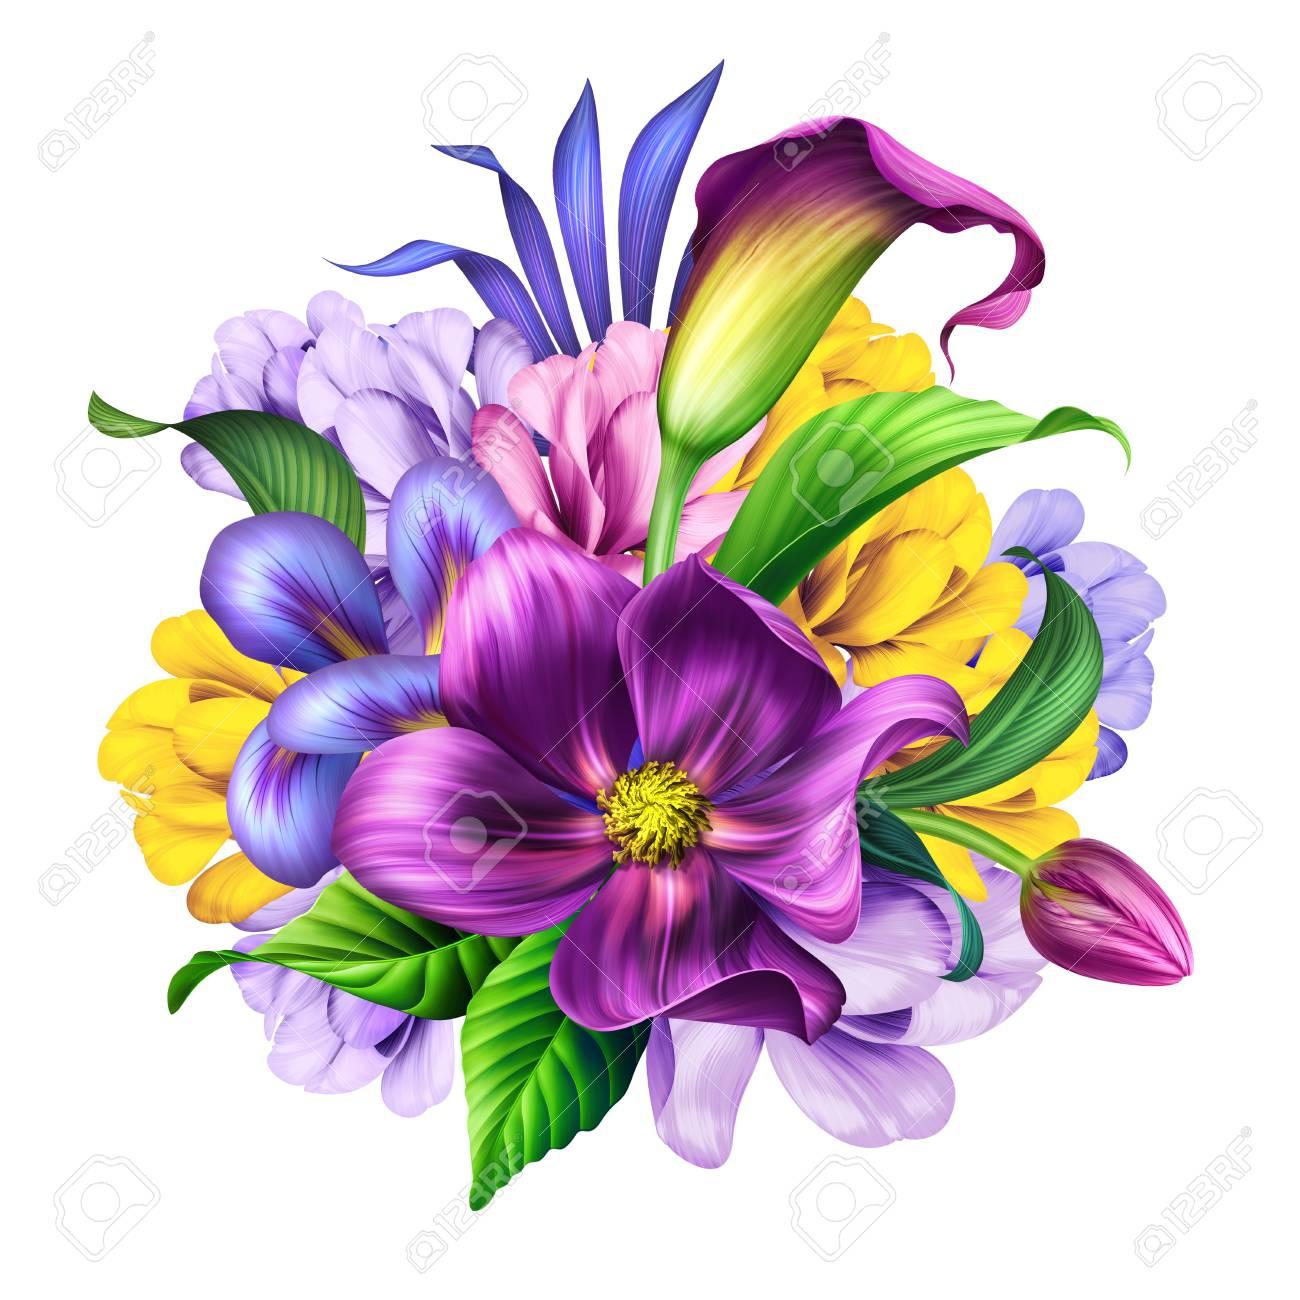 Illustration Botanique Bouquet De Belles Fleurs Arrangement Floral Clipart Isole Sur Fond Blanc Banque D Images Et Photos Libres De Droits Image 98835395